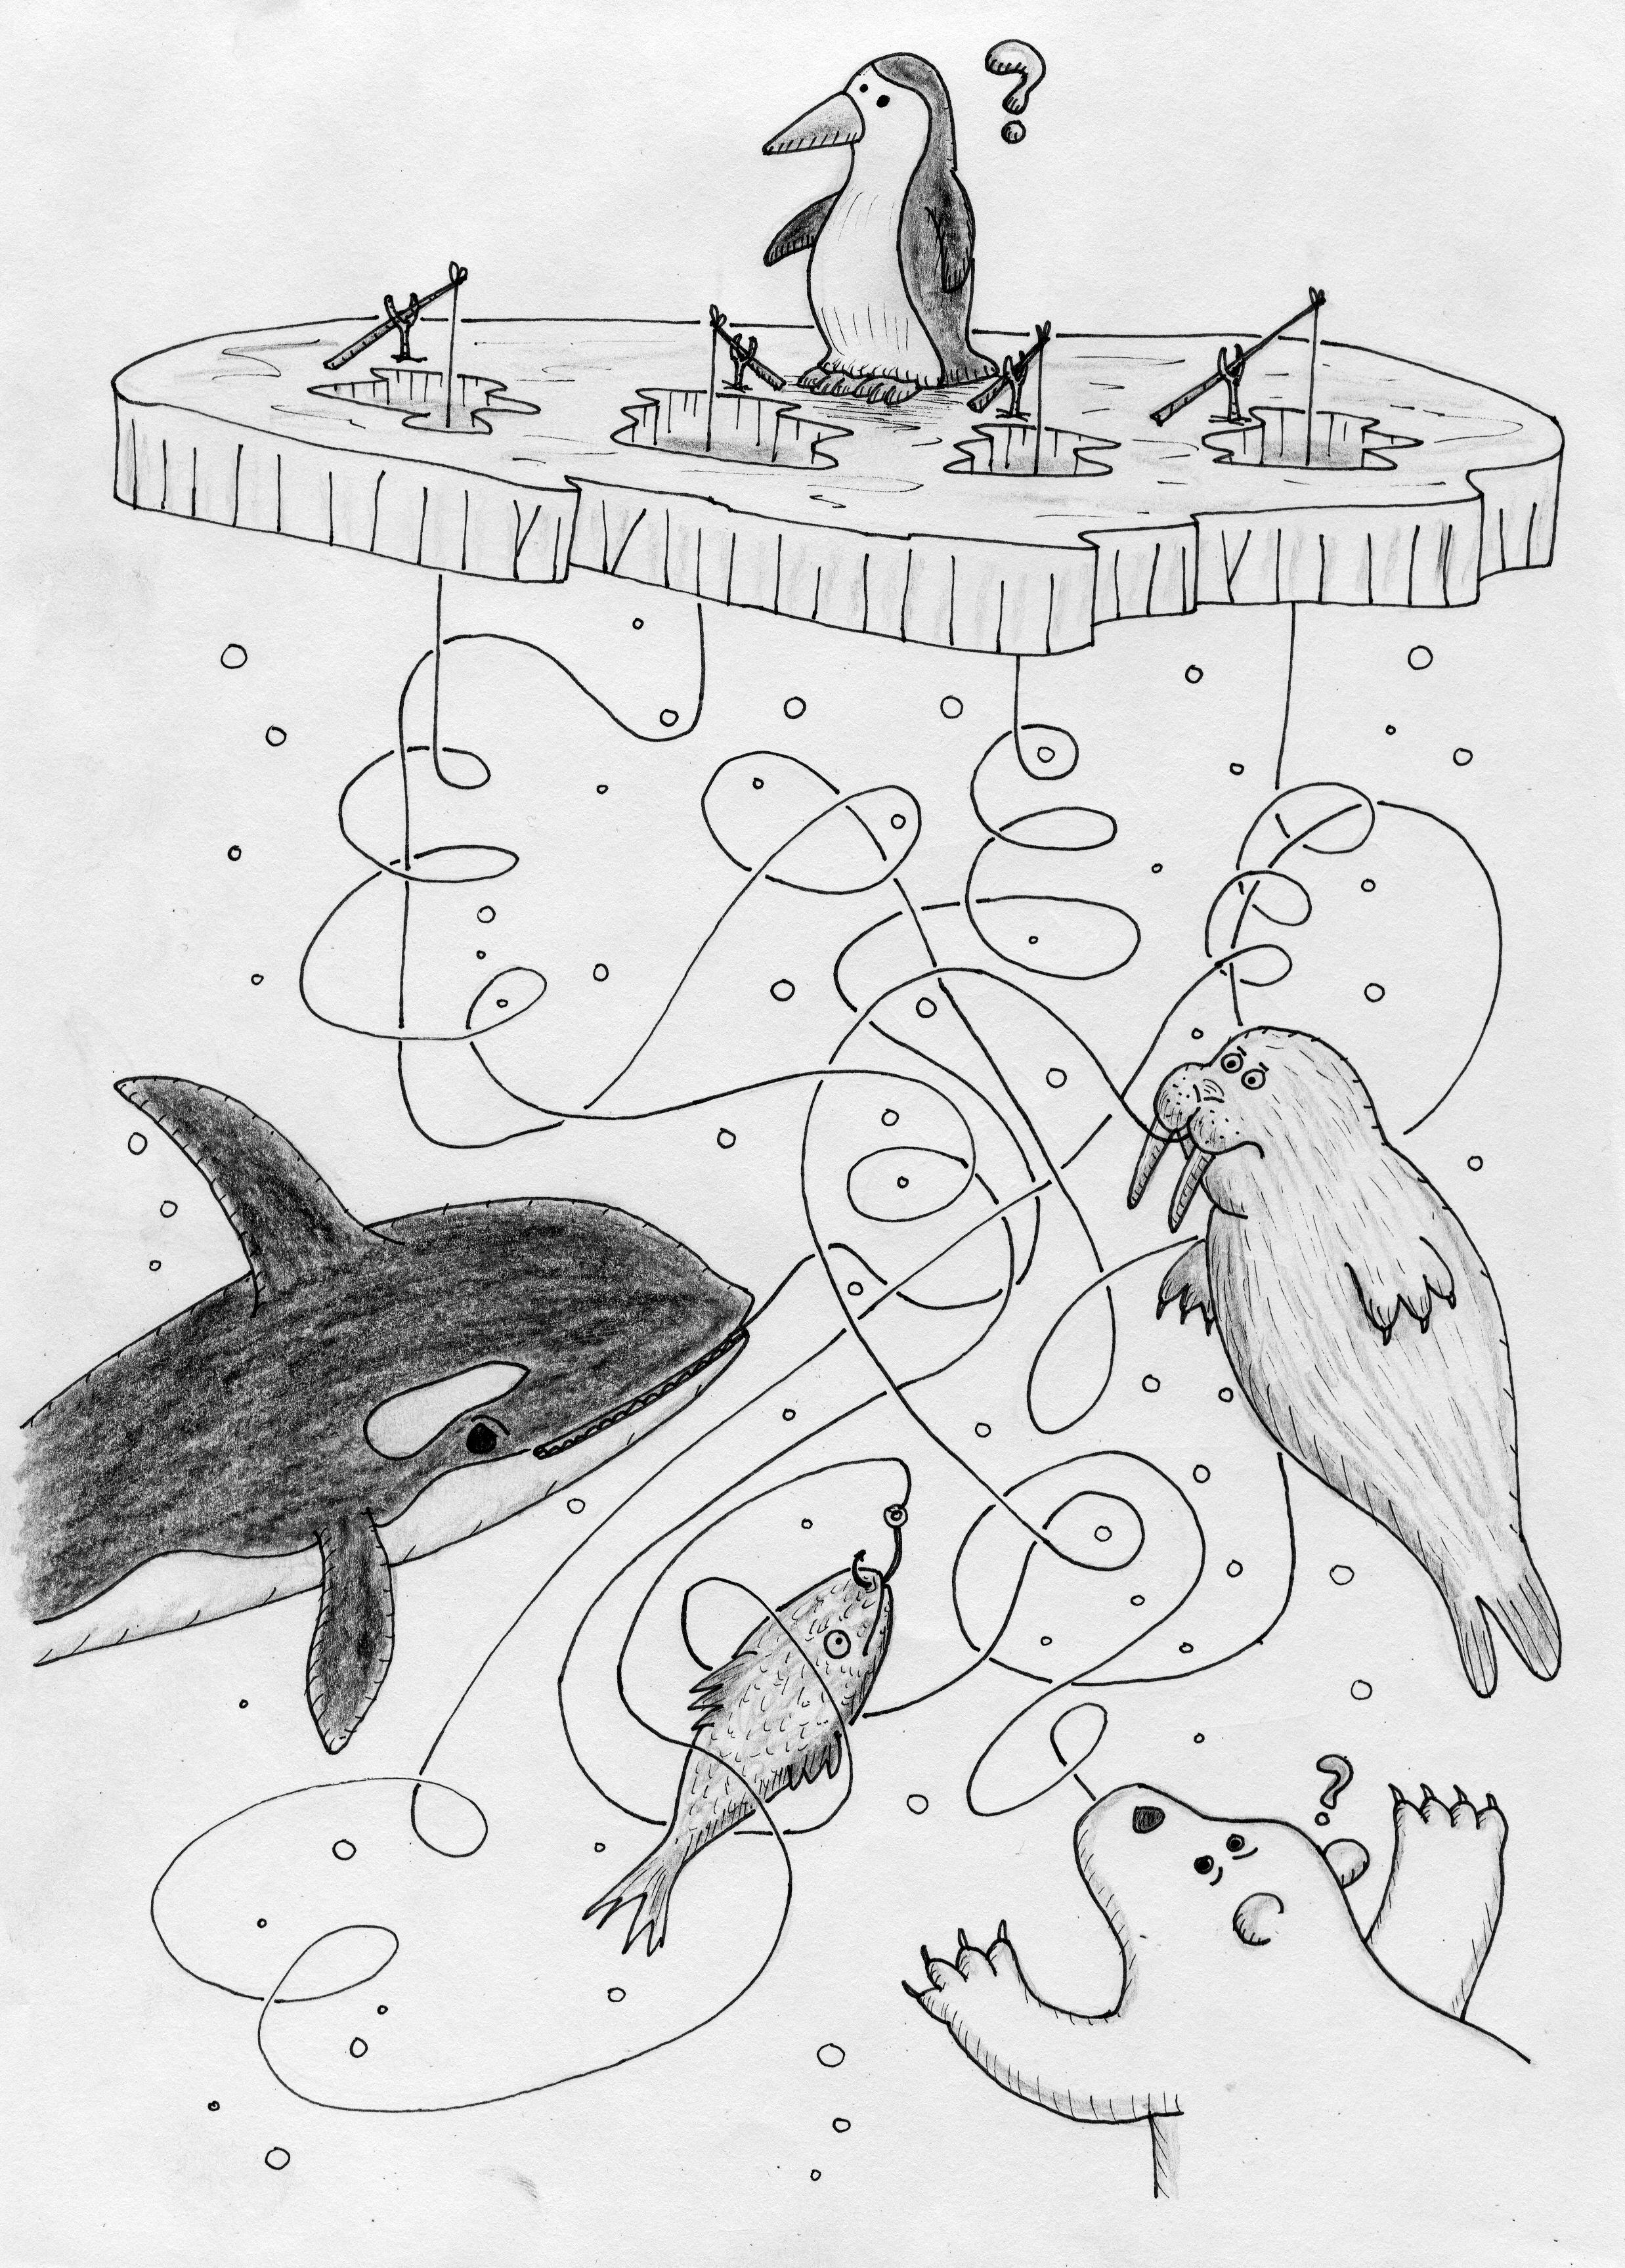 Pinguinpuzzle